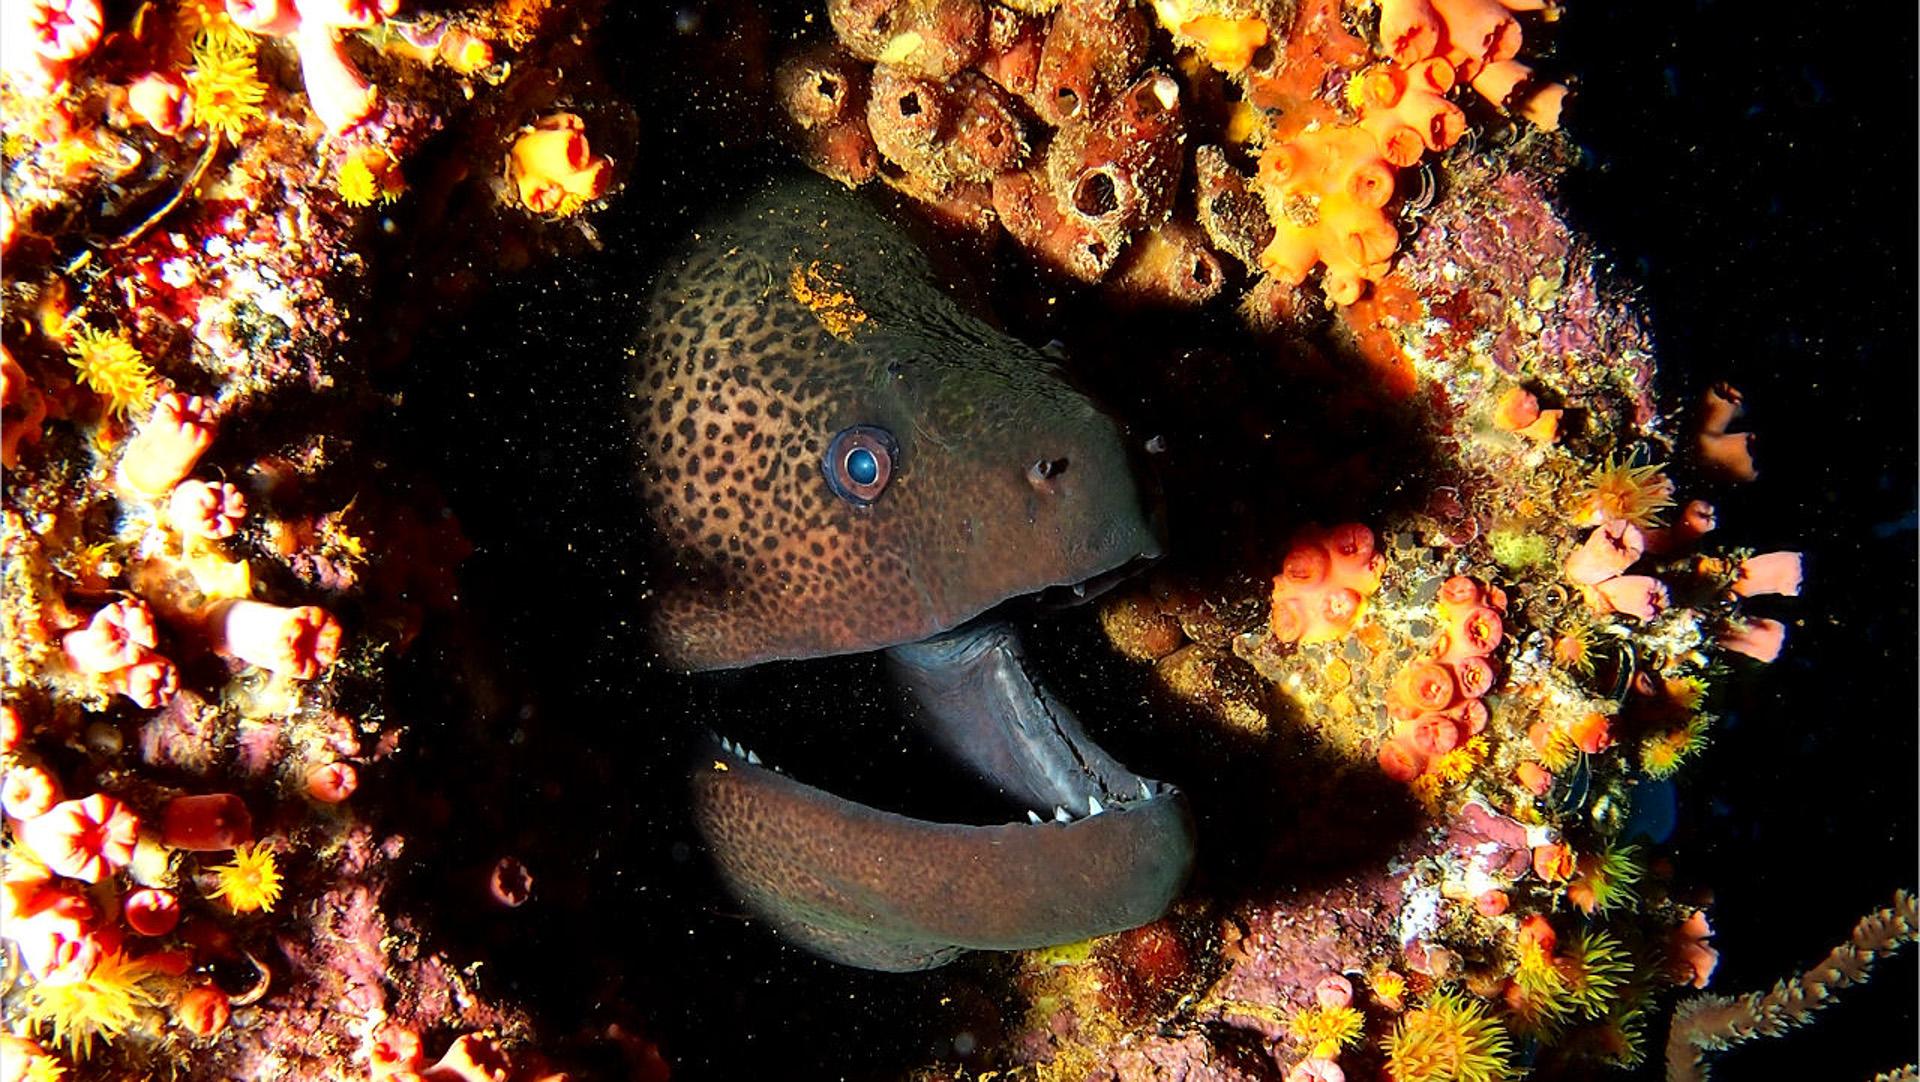 mauritius urlaub beste gegend